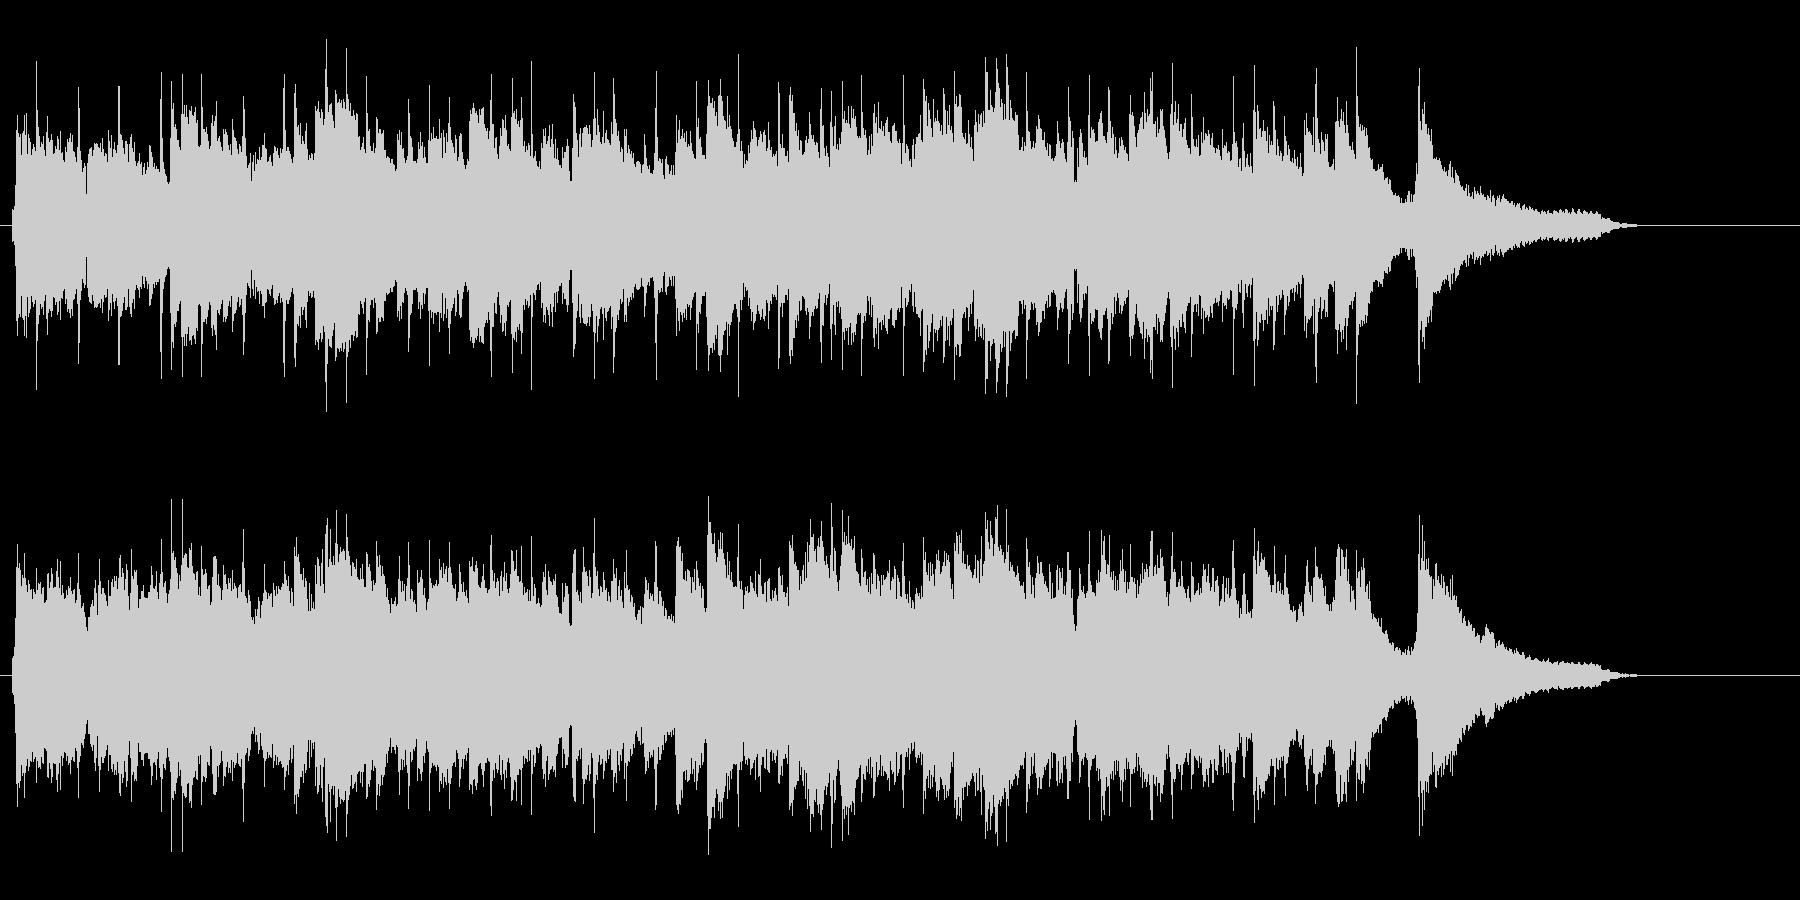 ハーモニカをフィーチャーしたカントリー調の未再生の波形